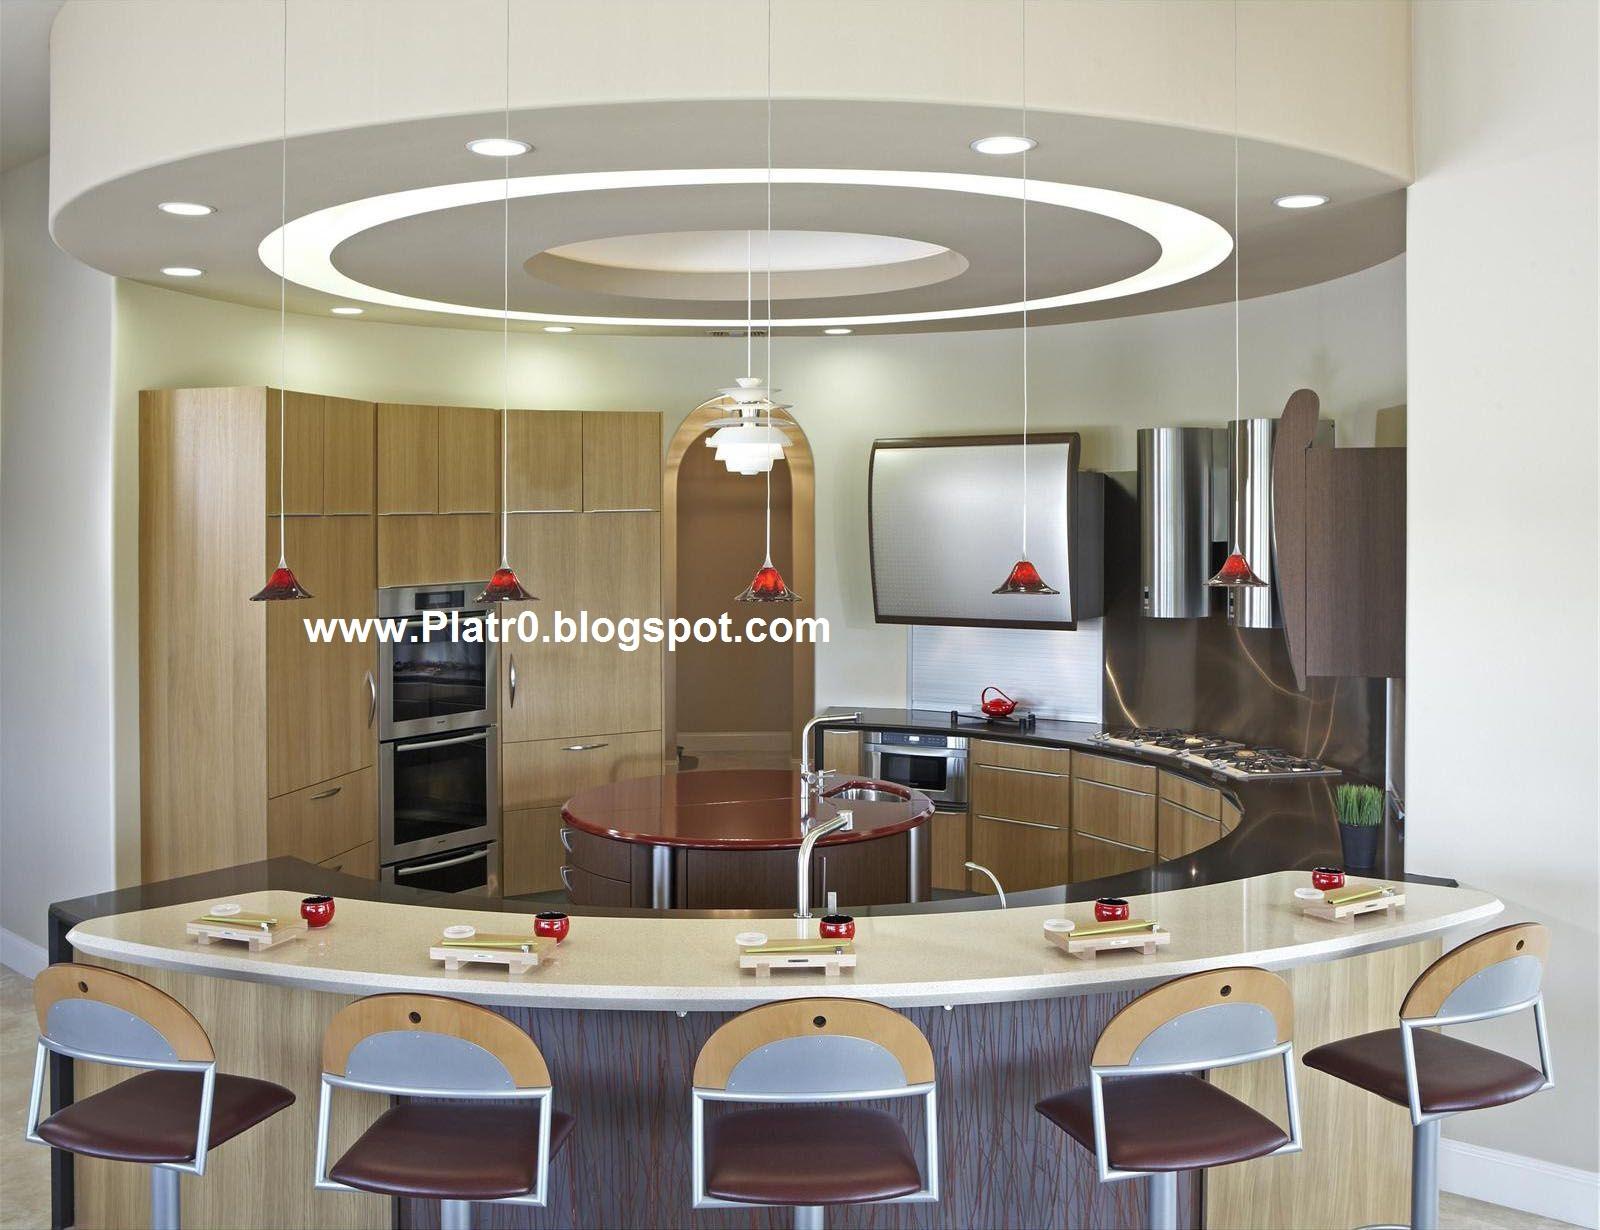 Faux Plafond Spots Cuisine - Décoration Platre Maroc - Faux Plafond ...